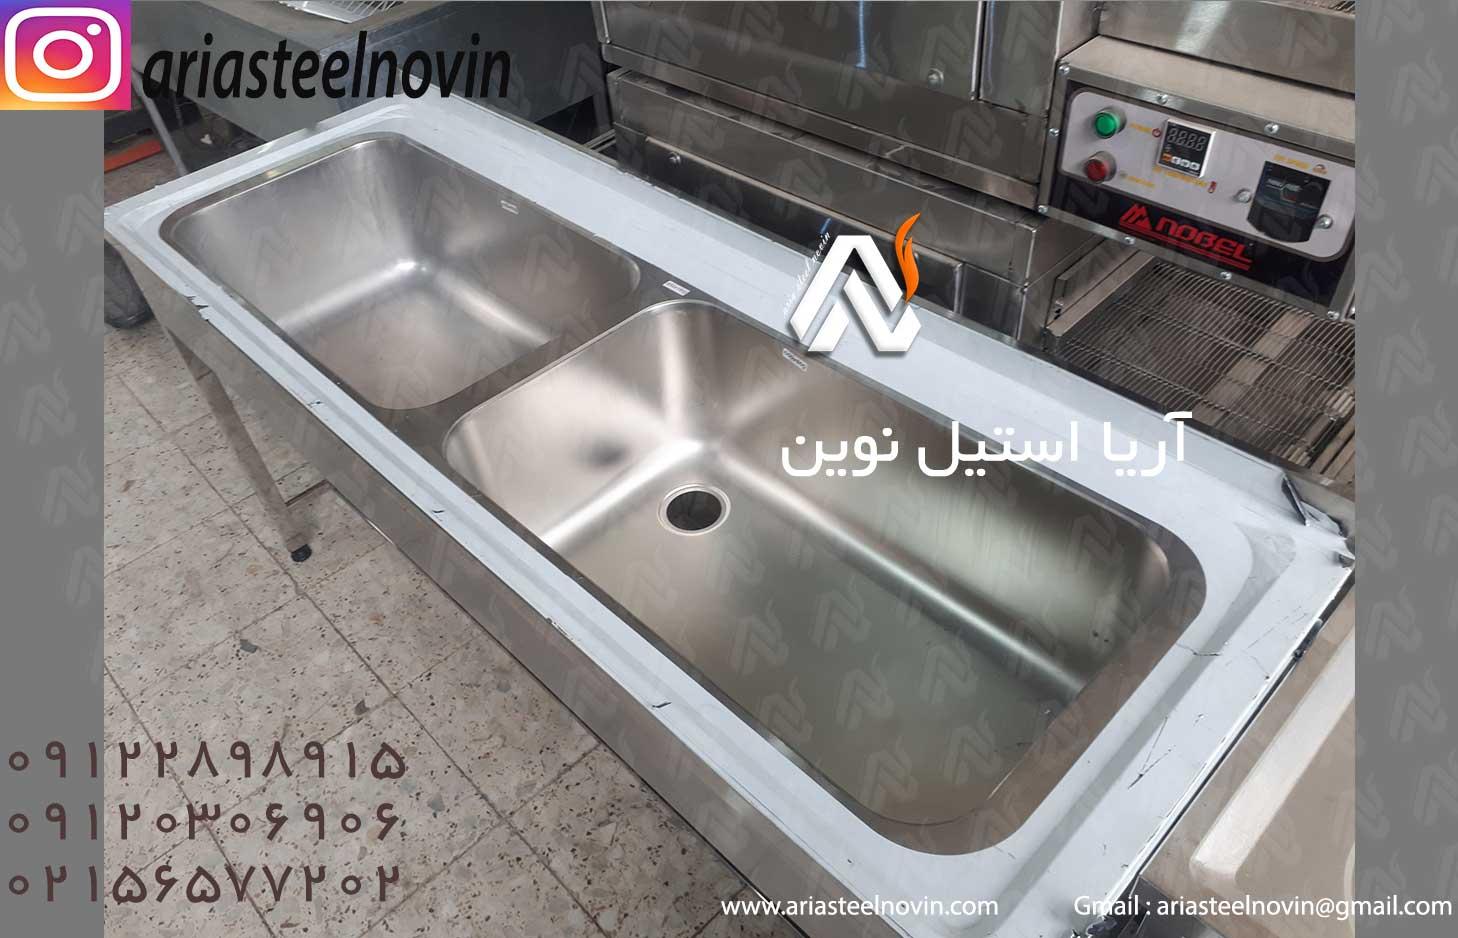 سینک-دو-لگنه-صنعتی-رستوران | تجهیزات آشپزخانه صنعتی | تجهیزات فست فود